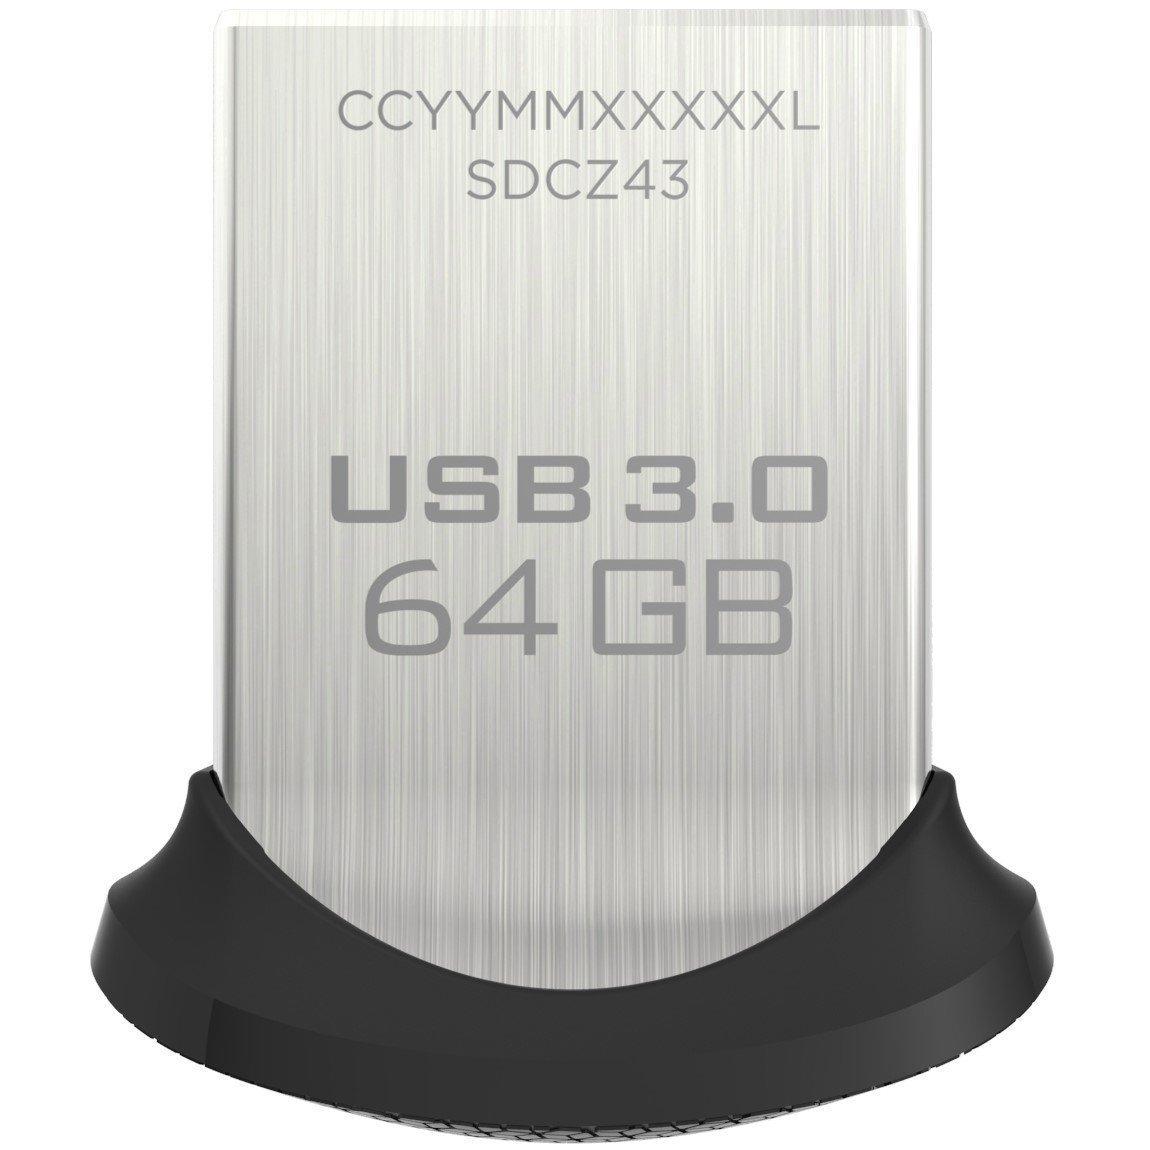 USB SanDisk Ultra Fit USB 3.0 Flash Drive 64GB 130MB/s